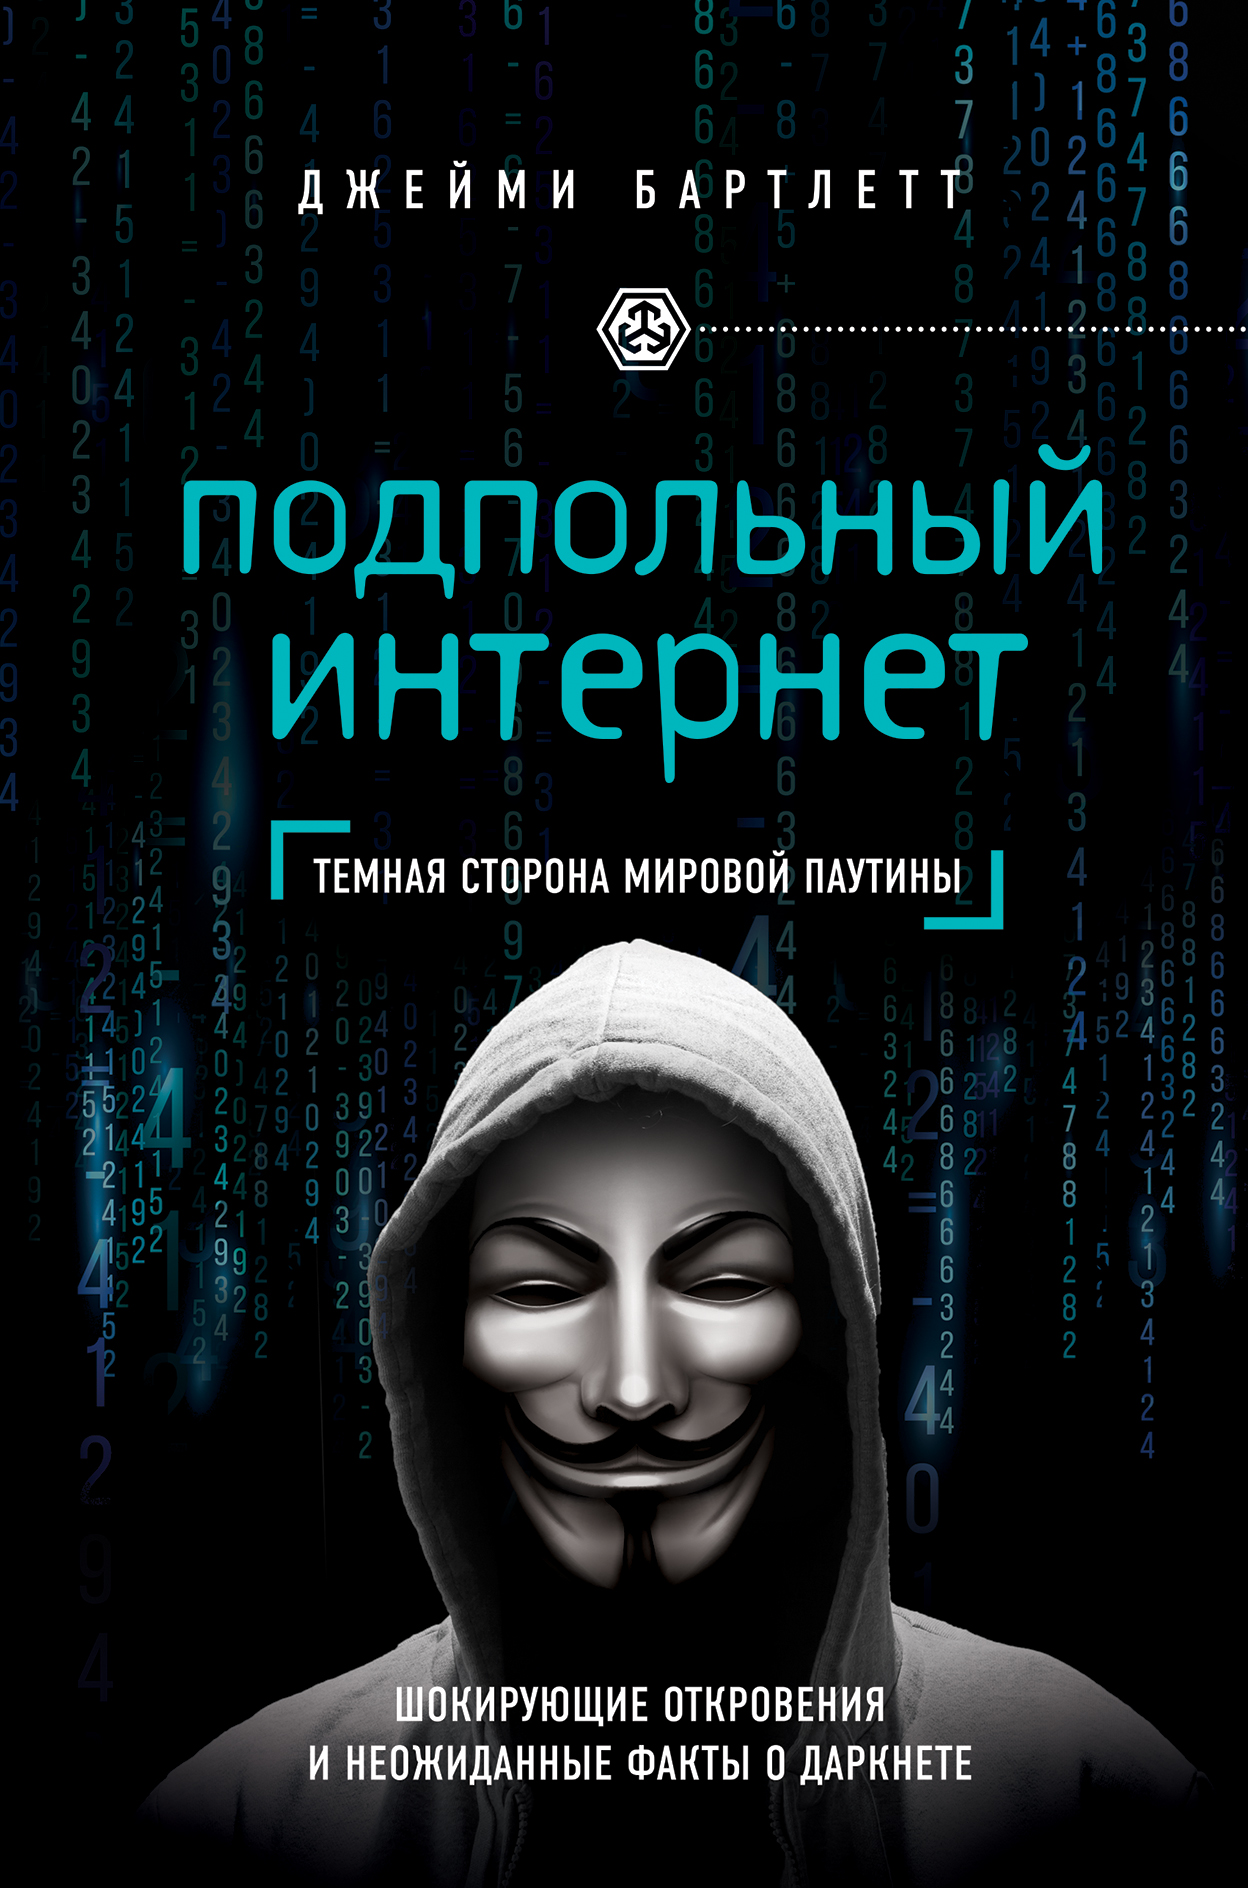 Подпольный интернет: Темная сторона мировой паутины